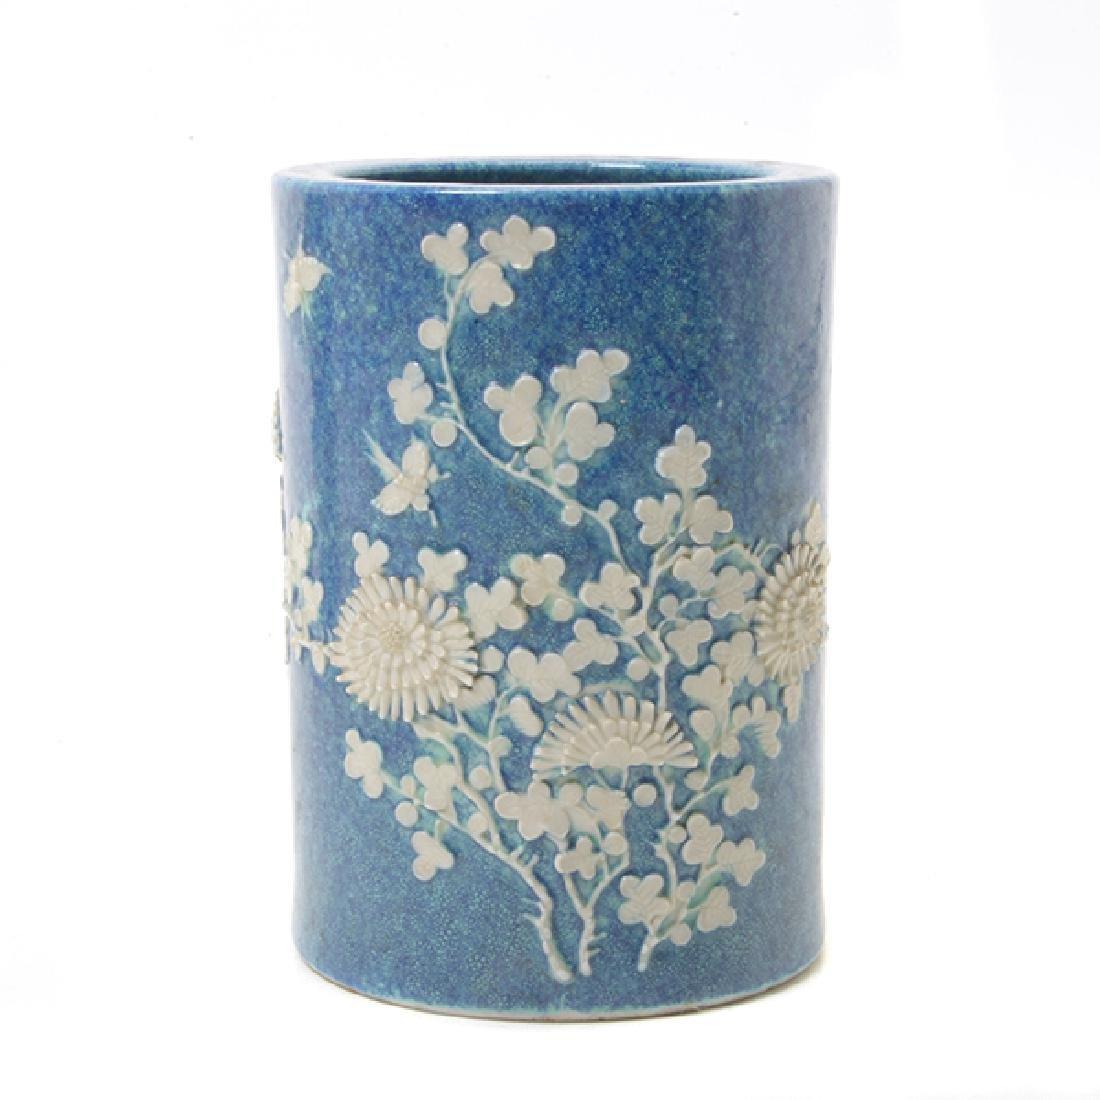 Pr of Biscuit Porcelain Brush Pots, L 19th/E 20th C - 2